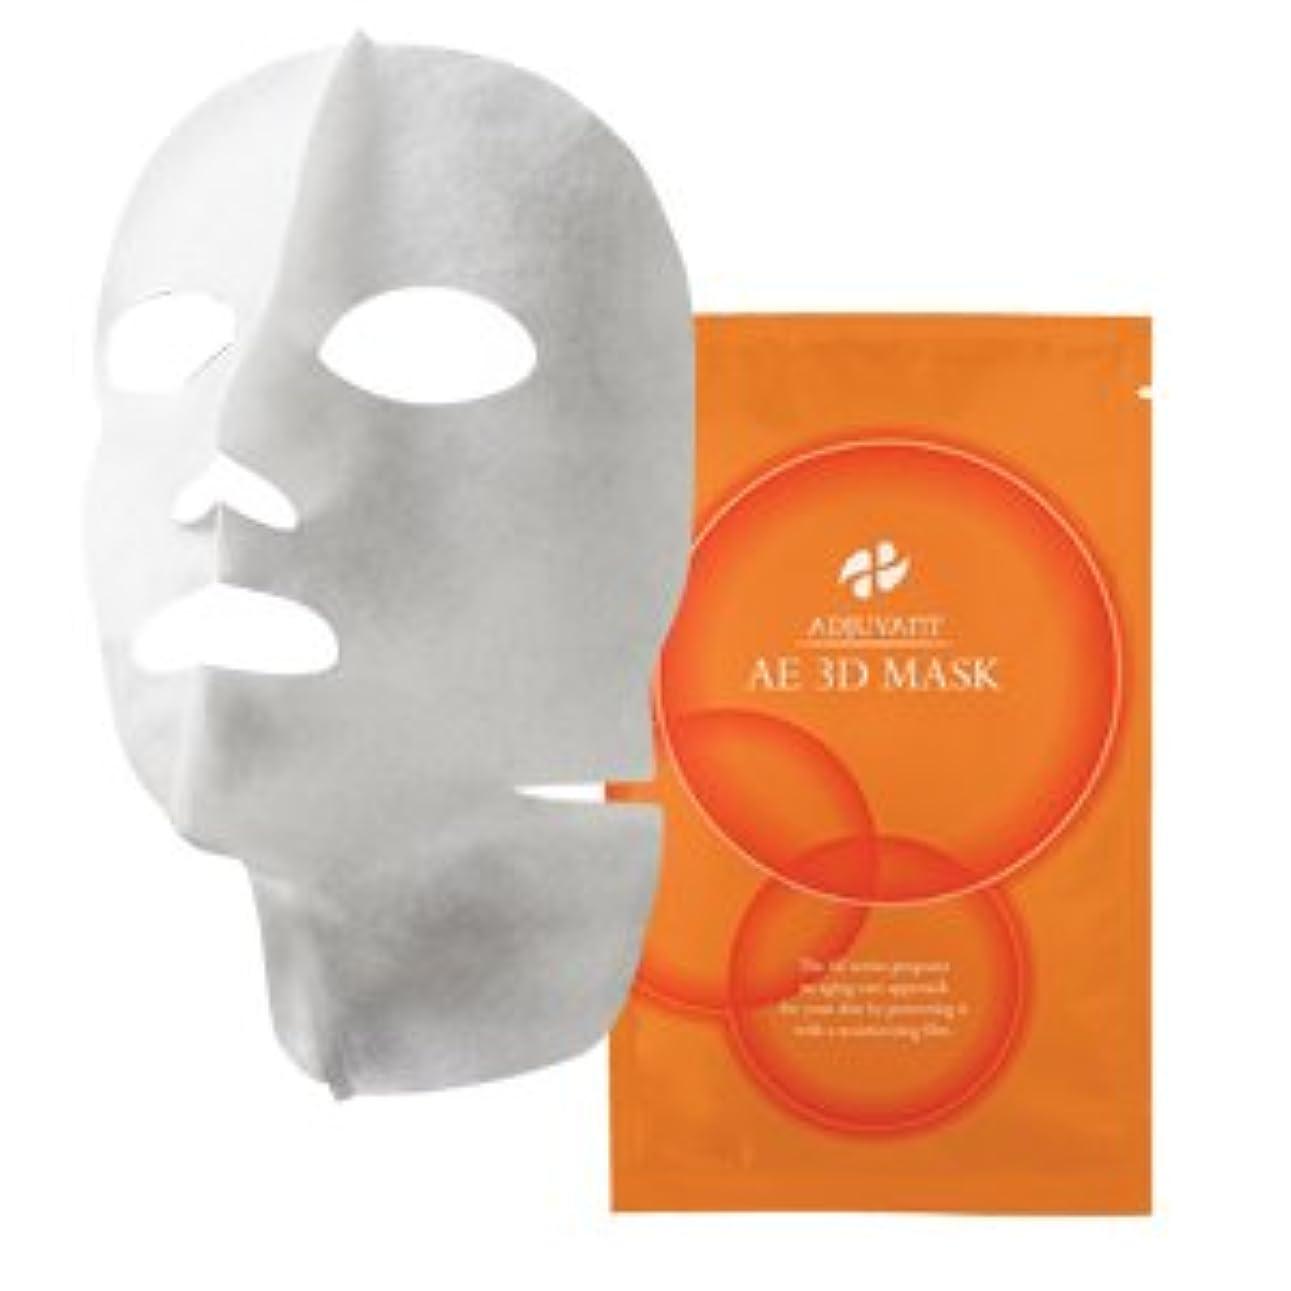 結紮尋ねる天才アジュバン AE 3Dマスク 35ml×6枚入り<マスク>